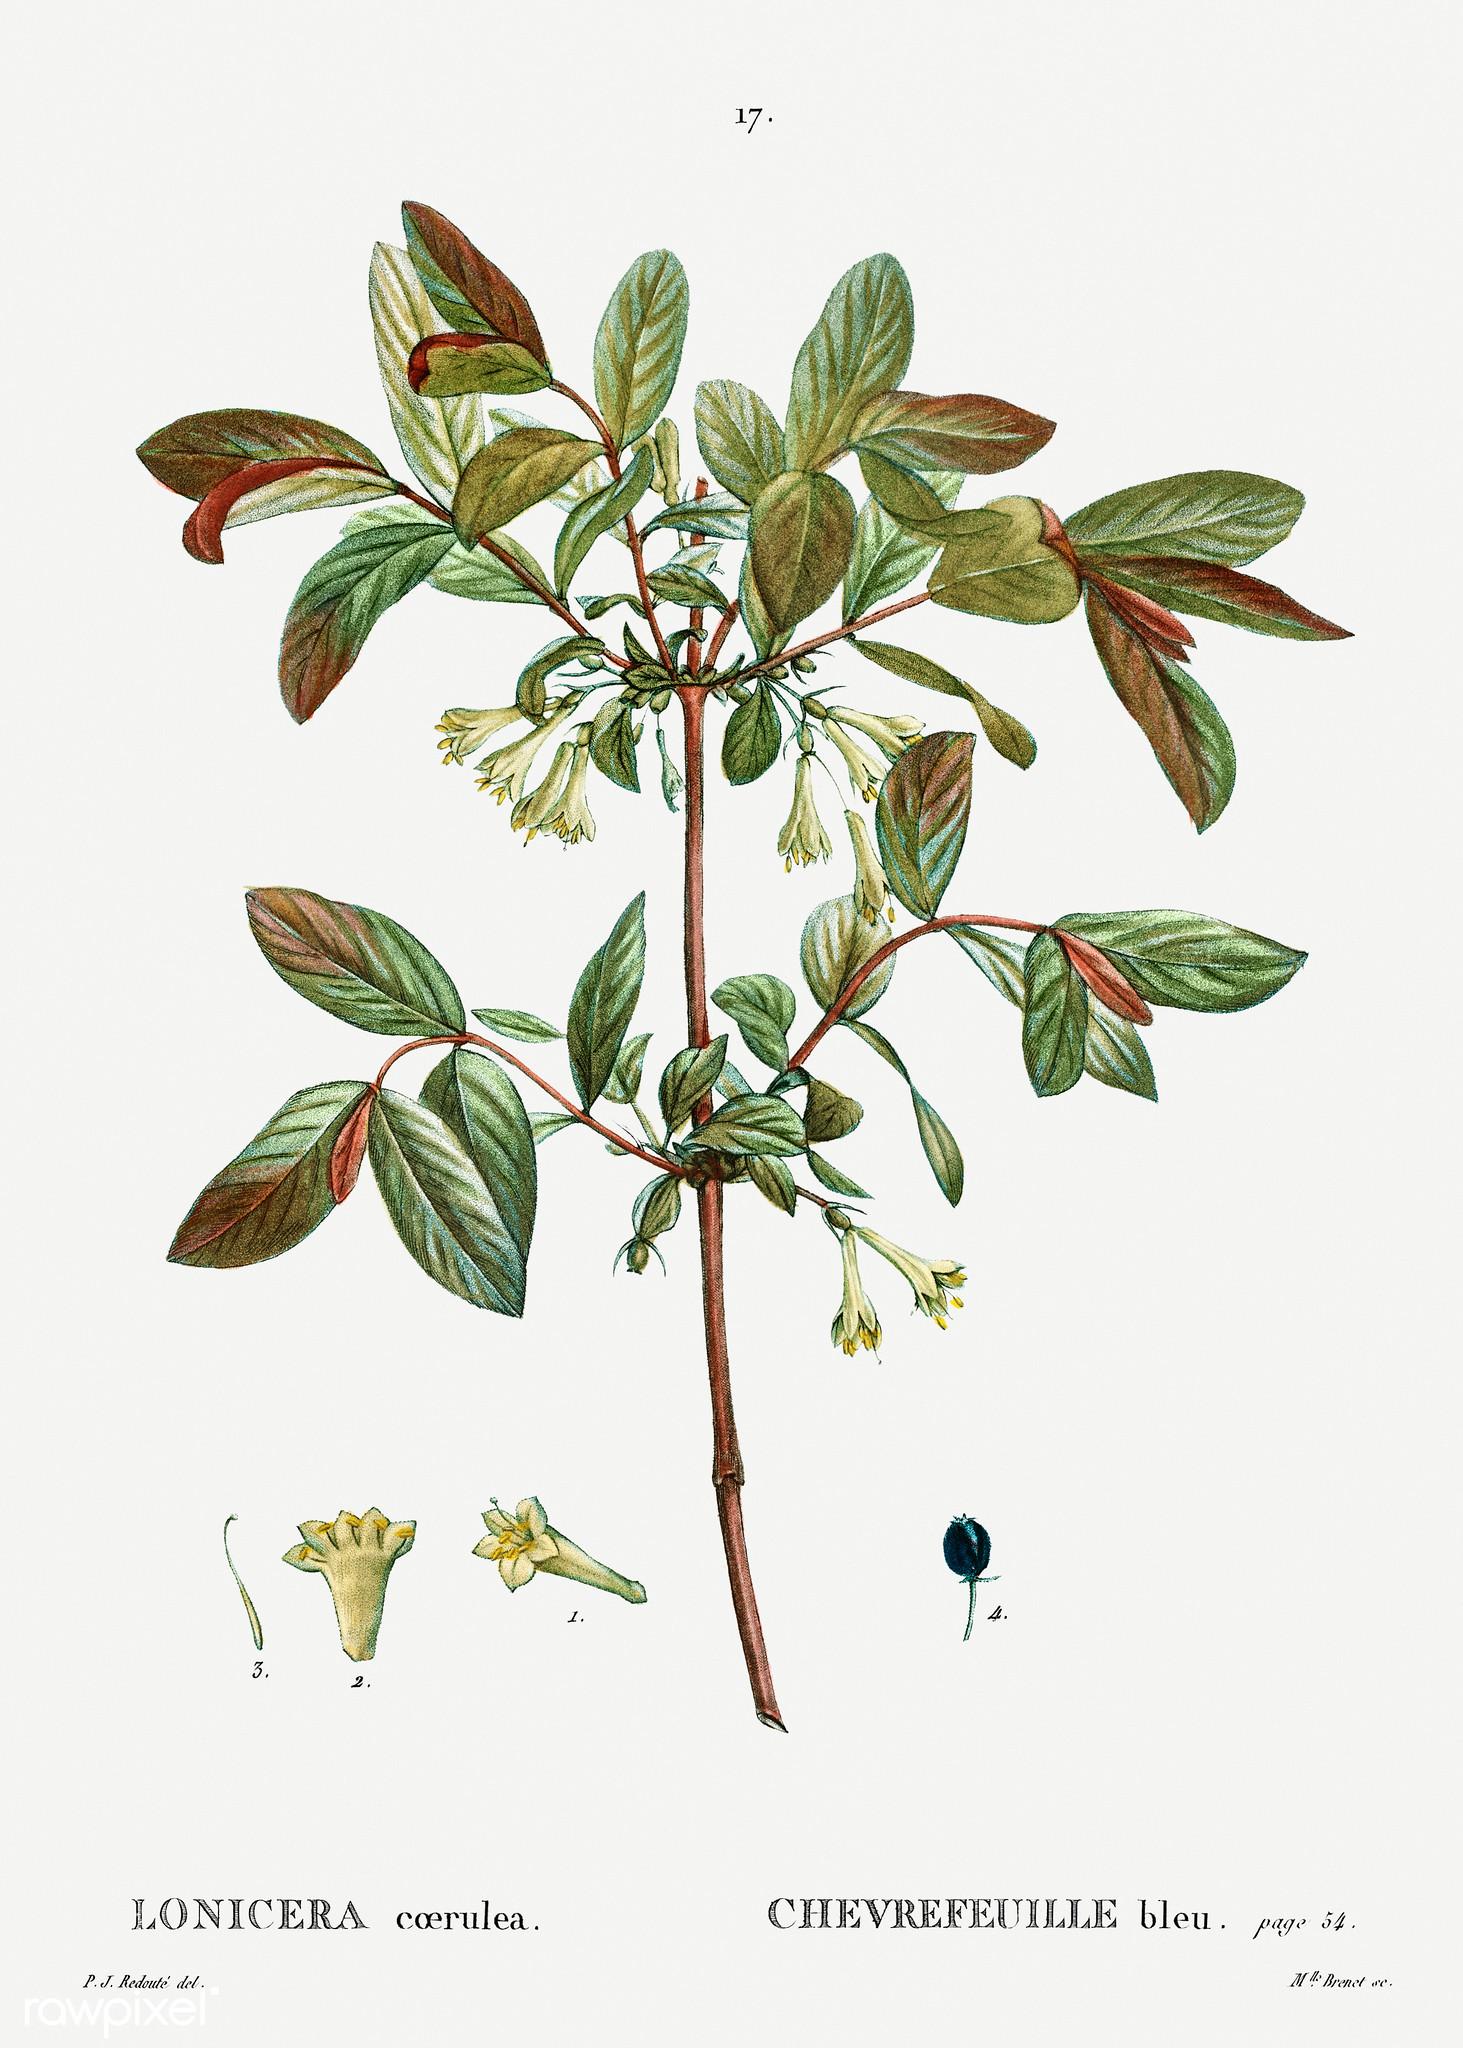 """Image from """"Traité des arbres et arbustes que l'on cultive en France en pleine terre"""" (1801–1819),  https://www.flickr.com/photos/vintage_illustration/46502174104/in/photostream/"""